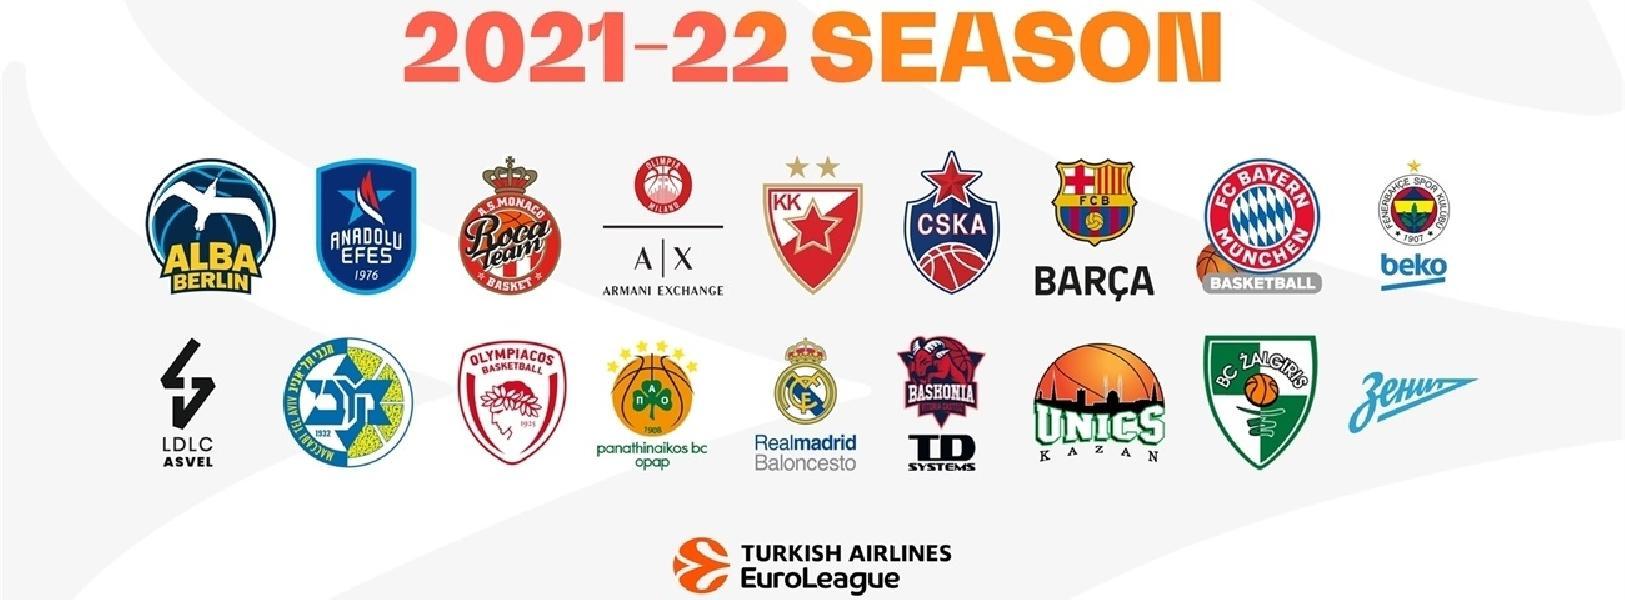 https://www.basketmarche.it/immagini_articoli/19-06-2021/euroleague-definita-lista-partecipanti-edizione-2122-novit-sono-monaco-kazan-600.jpg